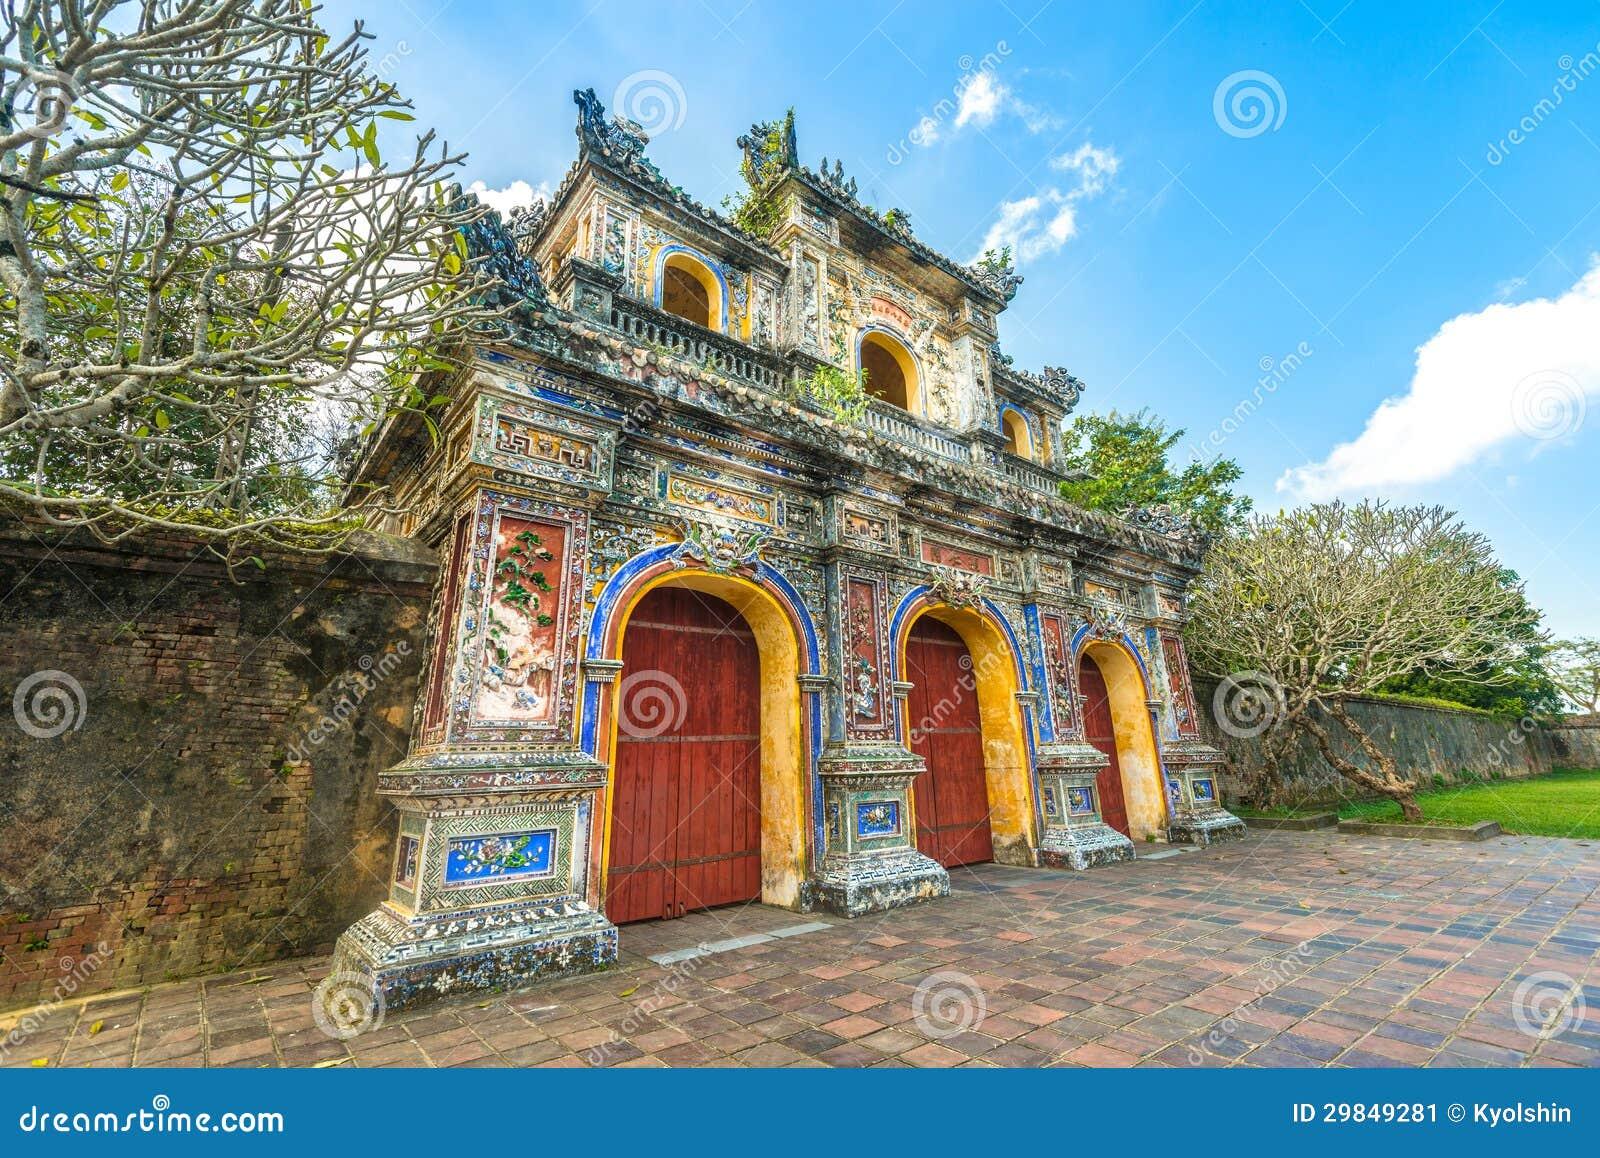 Porta bonita à citadela da matiz em Vietnam, Ásia.